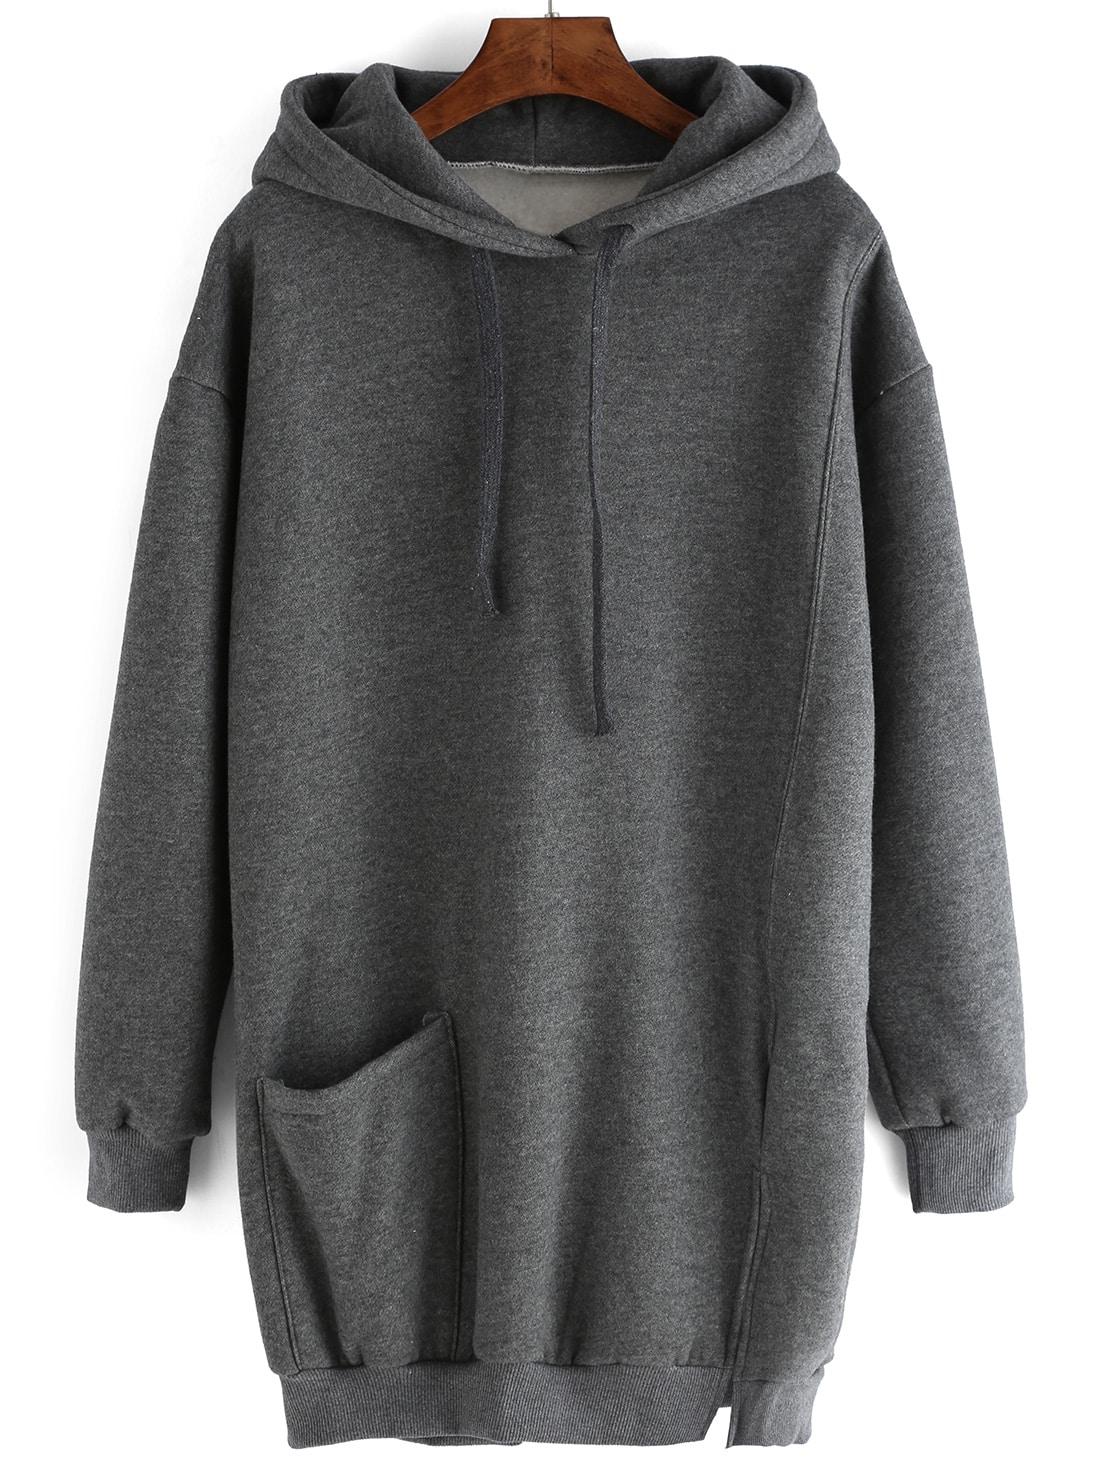 sweat shirt robe avec capuche et cordon fendu avec poches With robe pull capuche